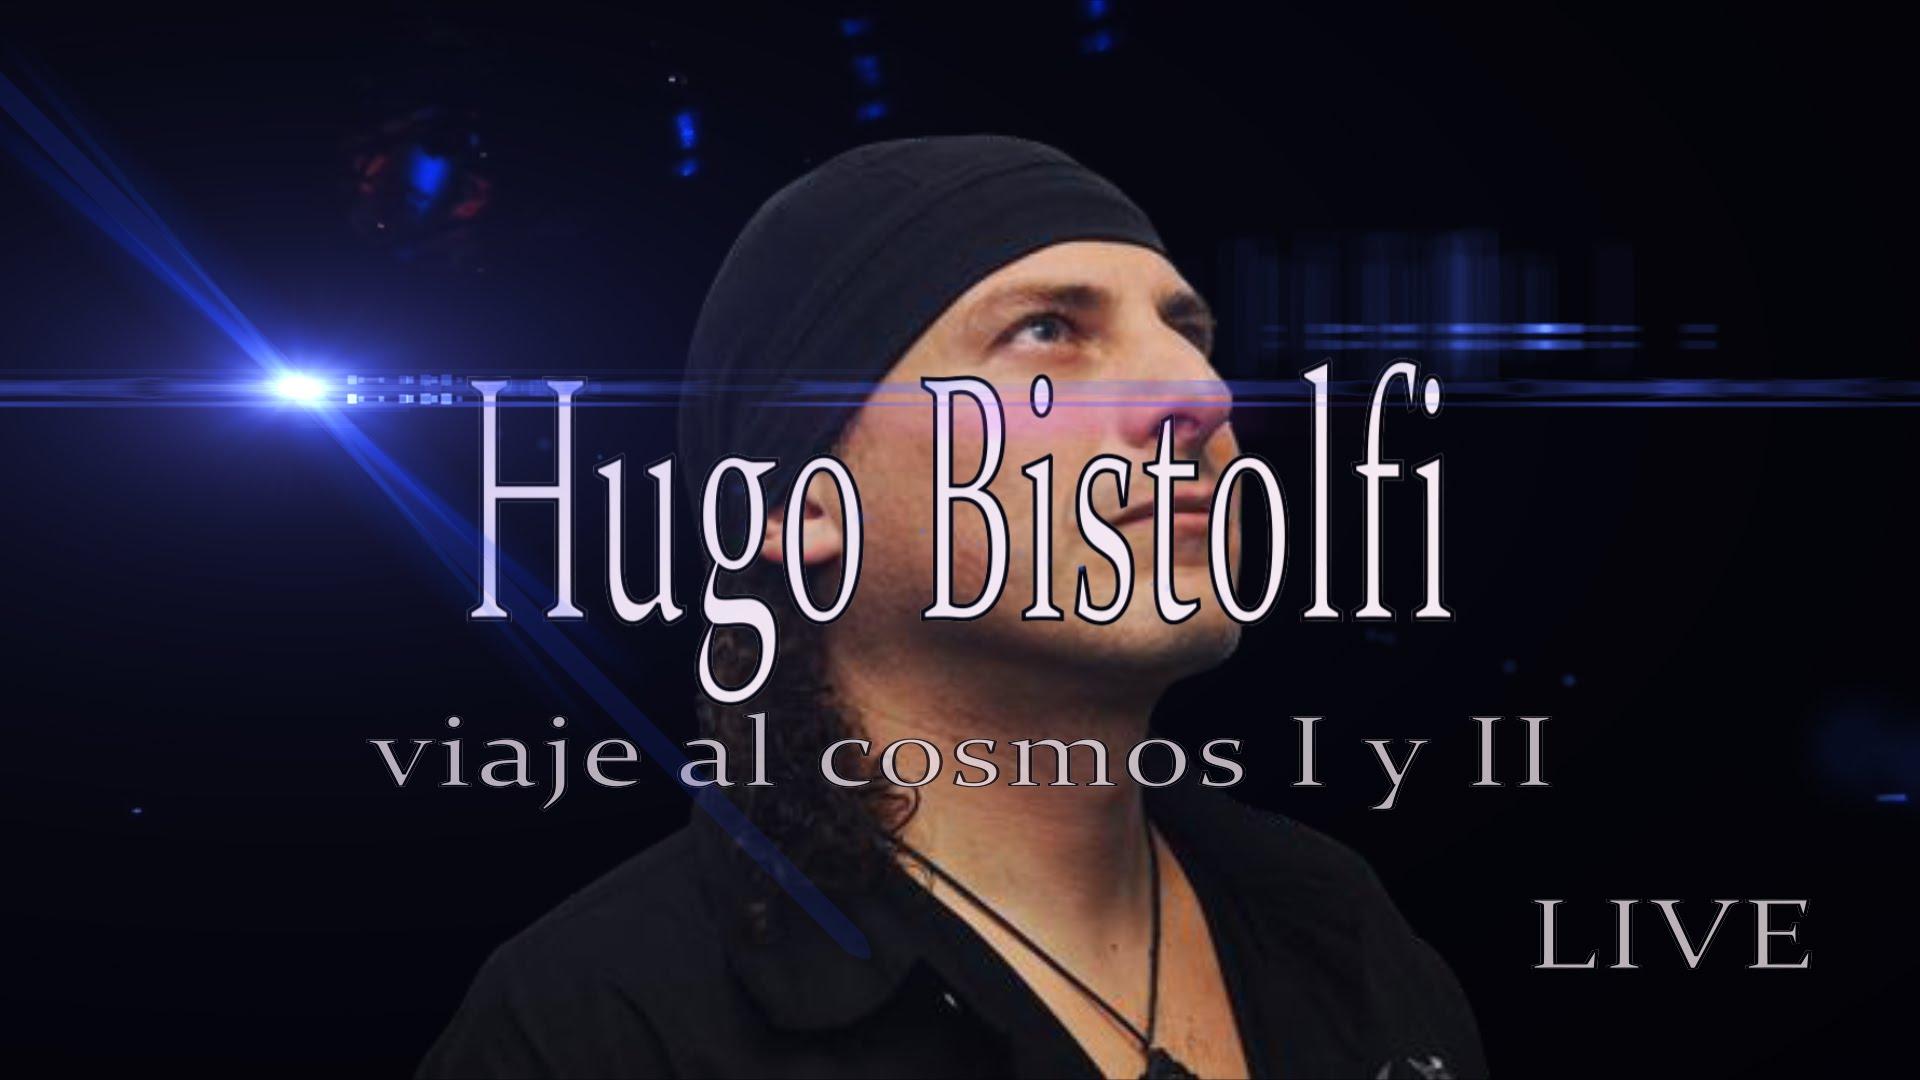 HUGO BISTOLFI NUEVO ÁLBUM VIAJE AL COSMOS II y ARTE DE TAPA - hugo34